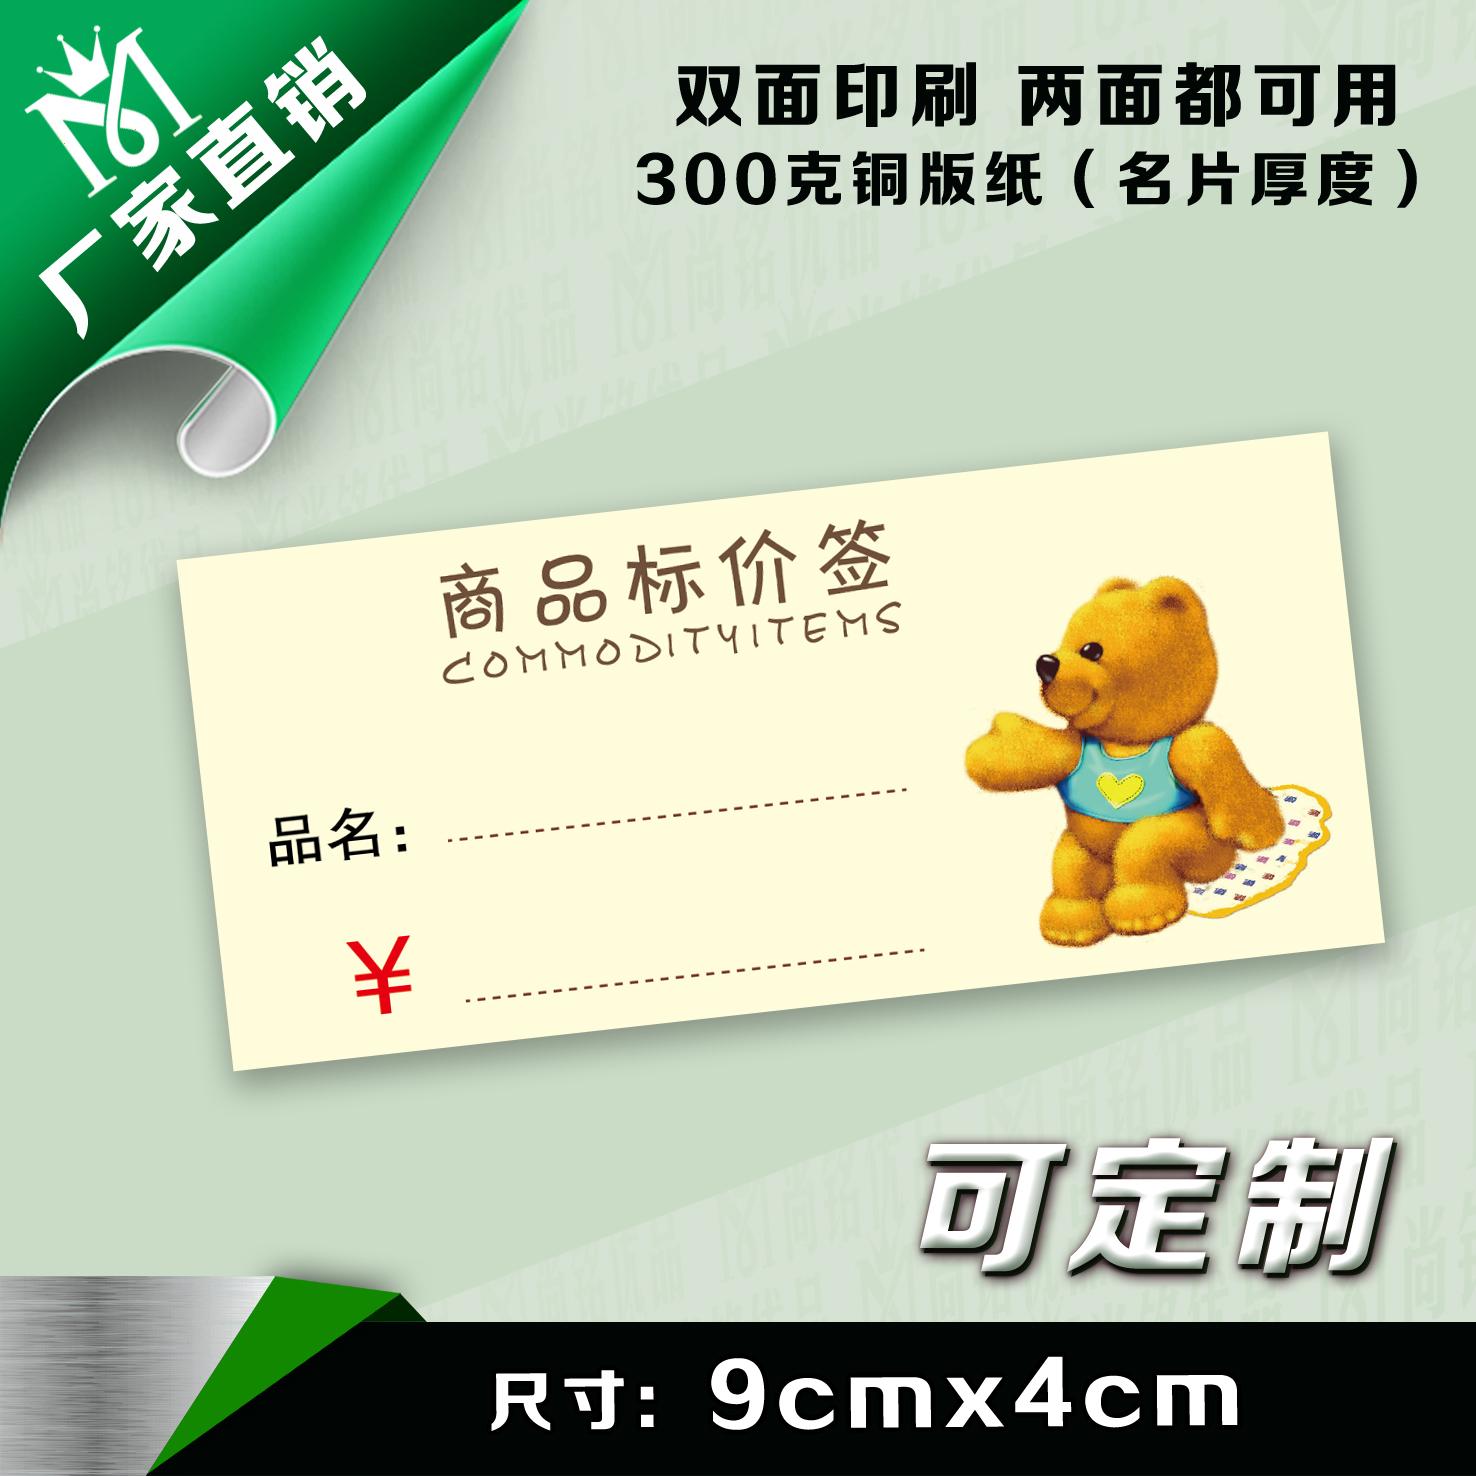 卡通小熊价格标签 通用可爱标价签 POP促销价格牌 标价签纸可定制